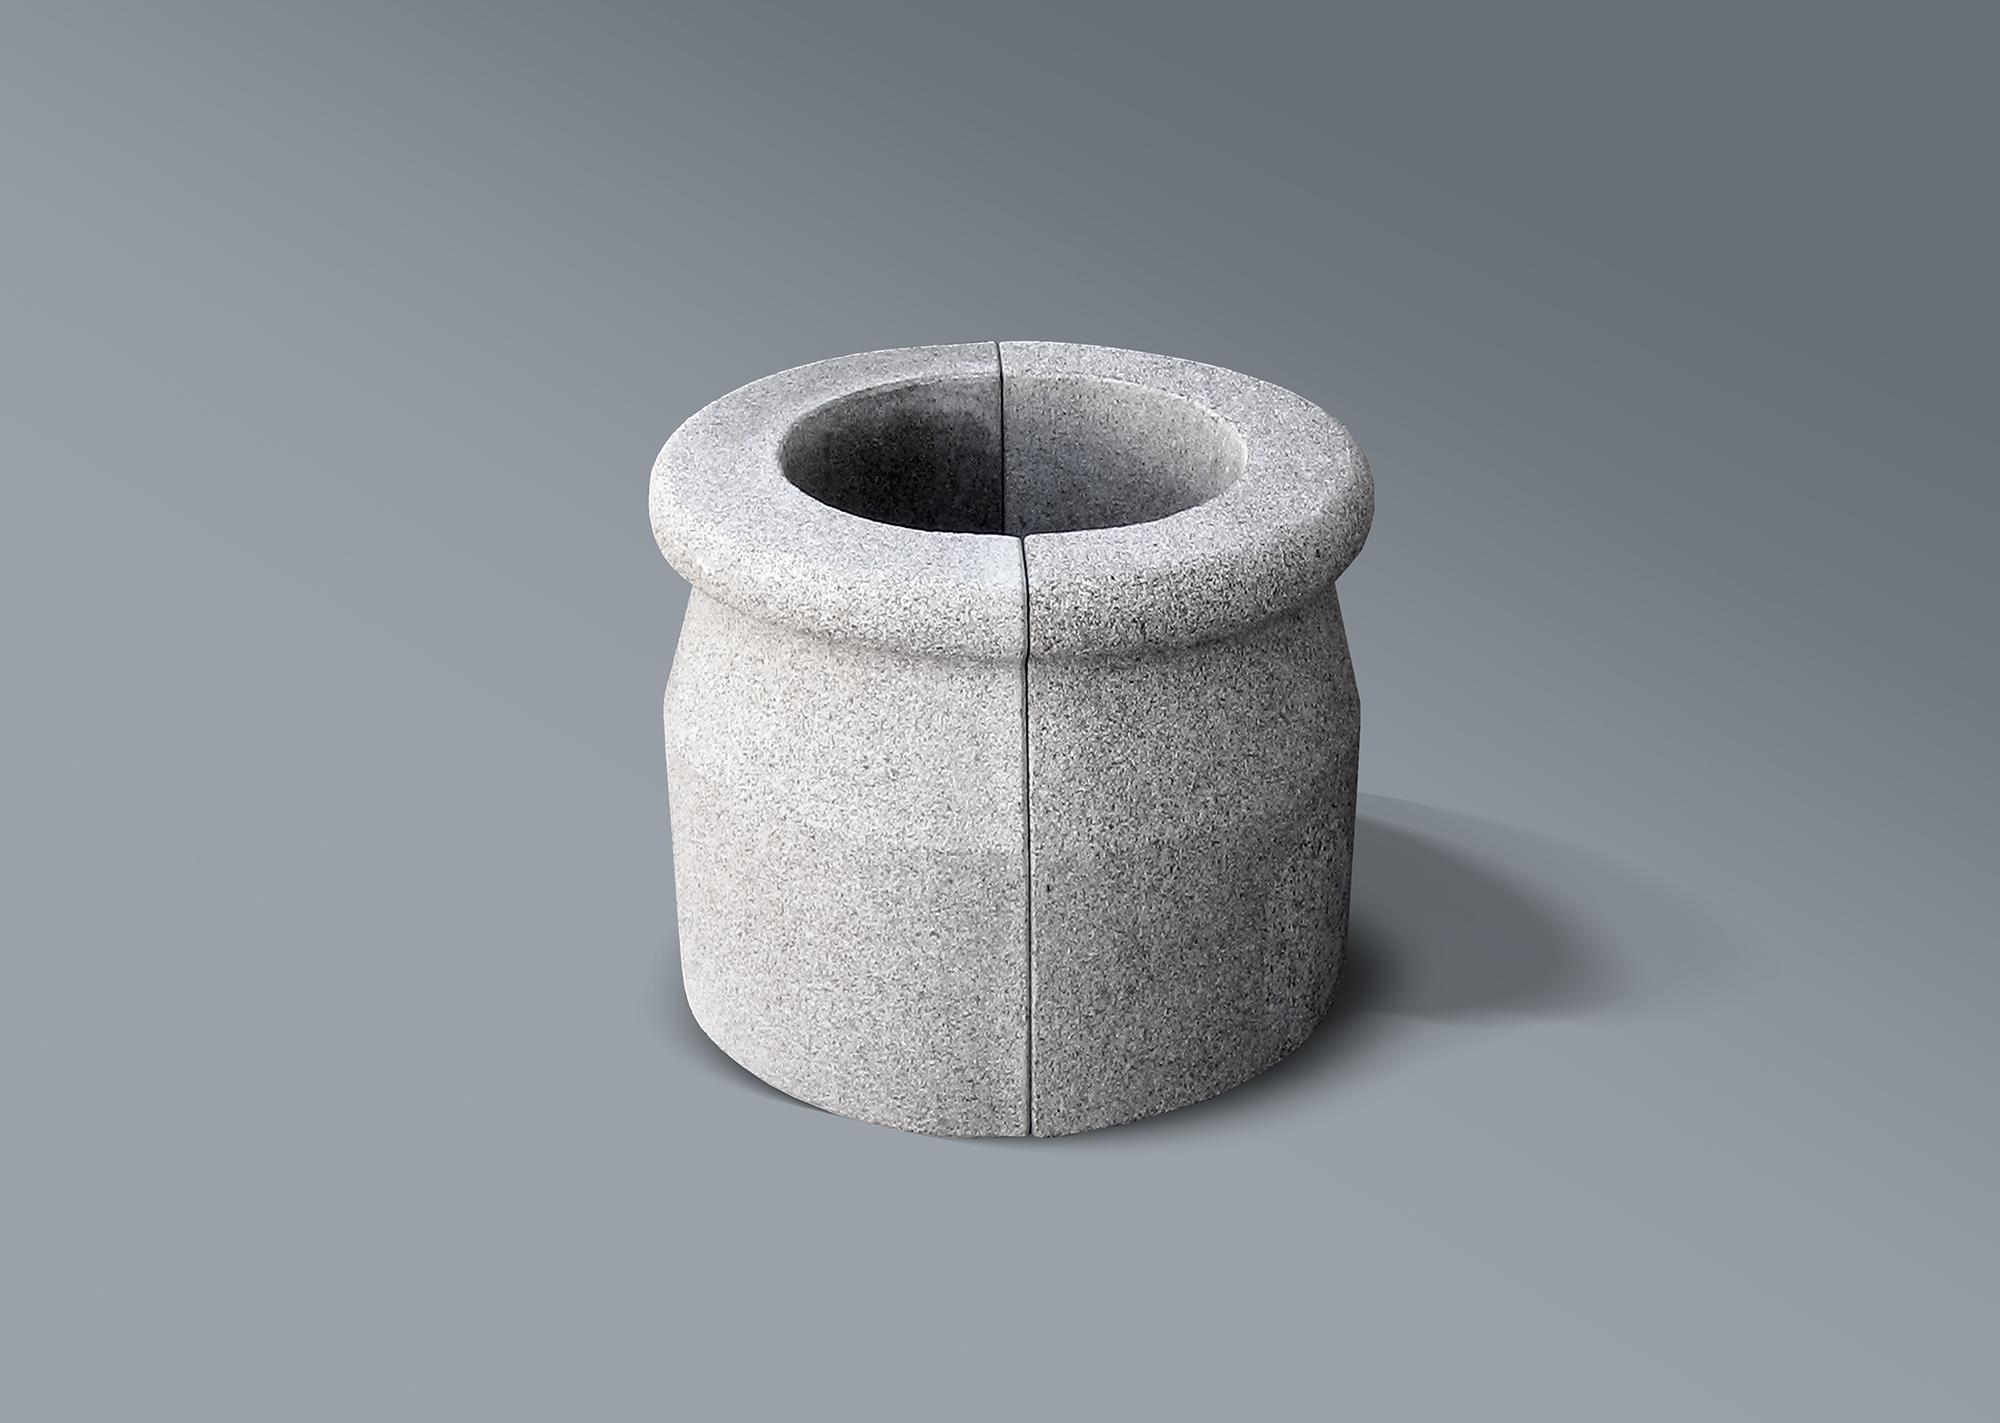 Brocal de pozo en piedra